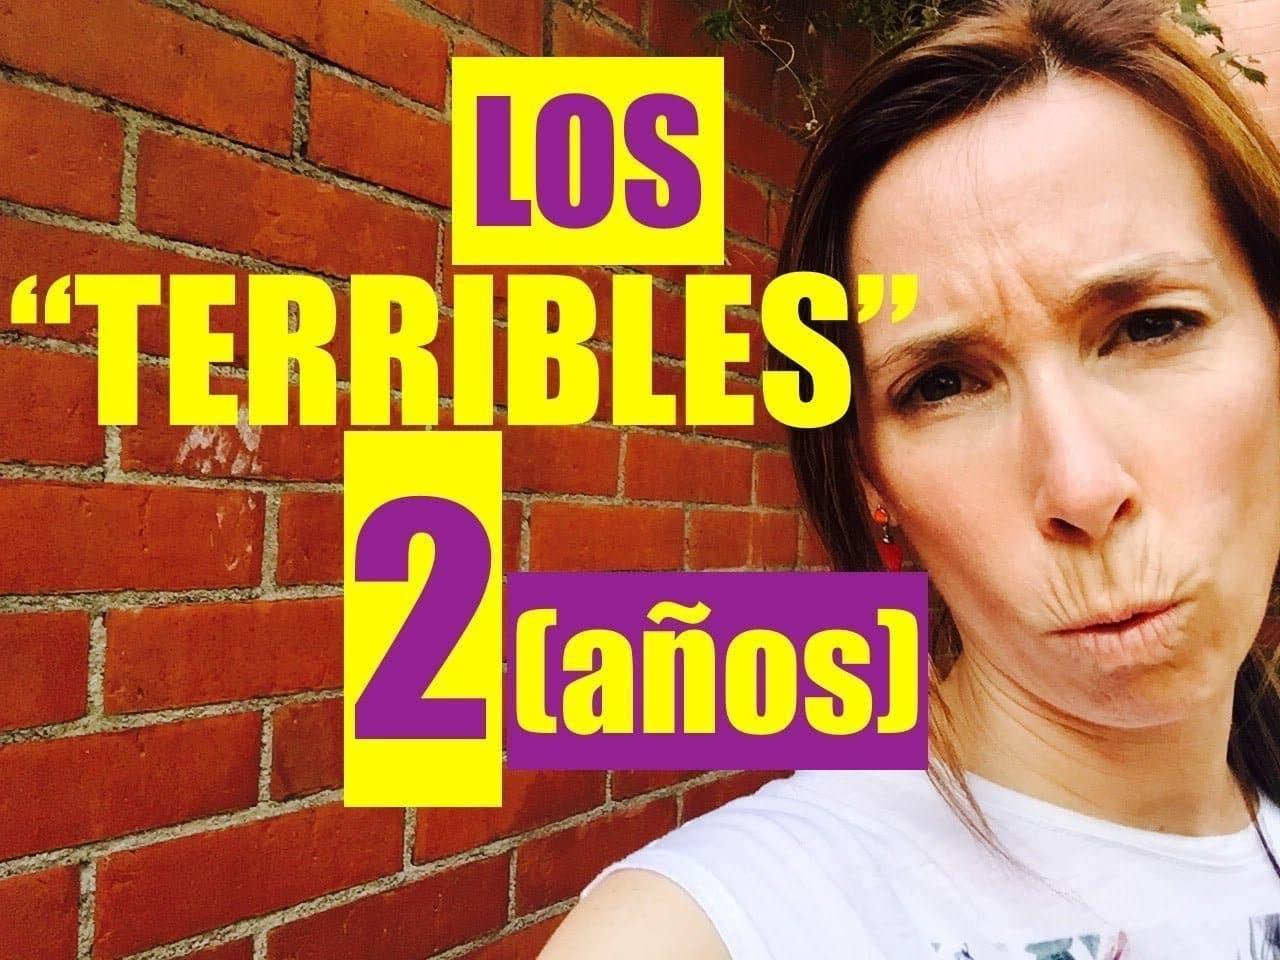 """Els """"terribles"""" 2 anys"""